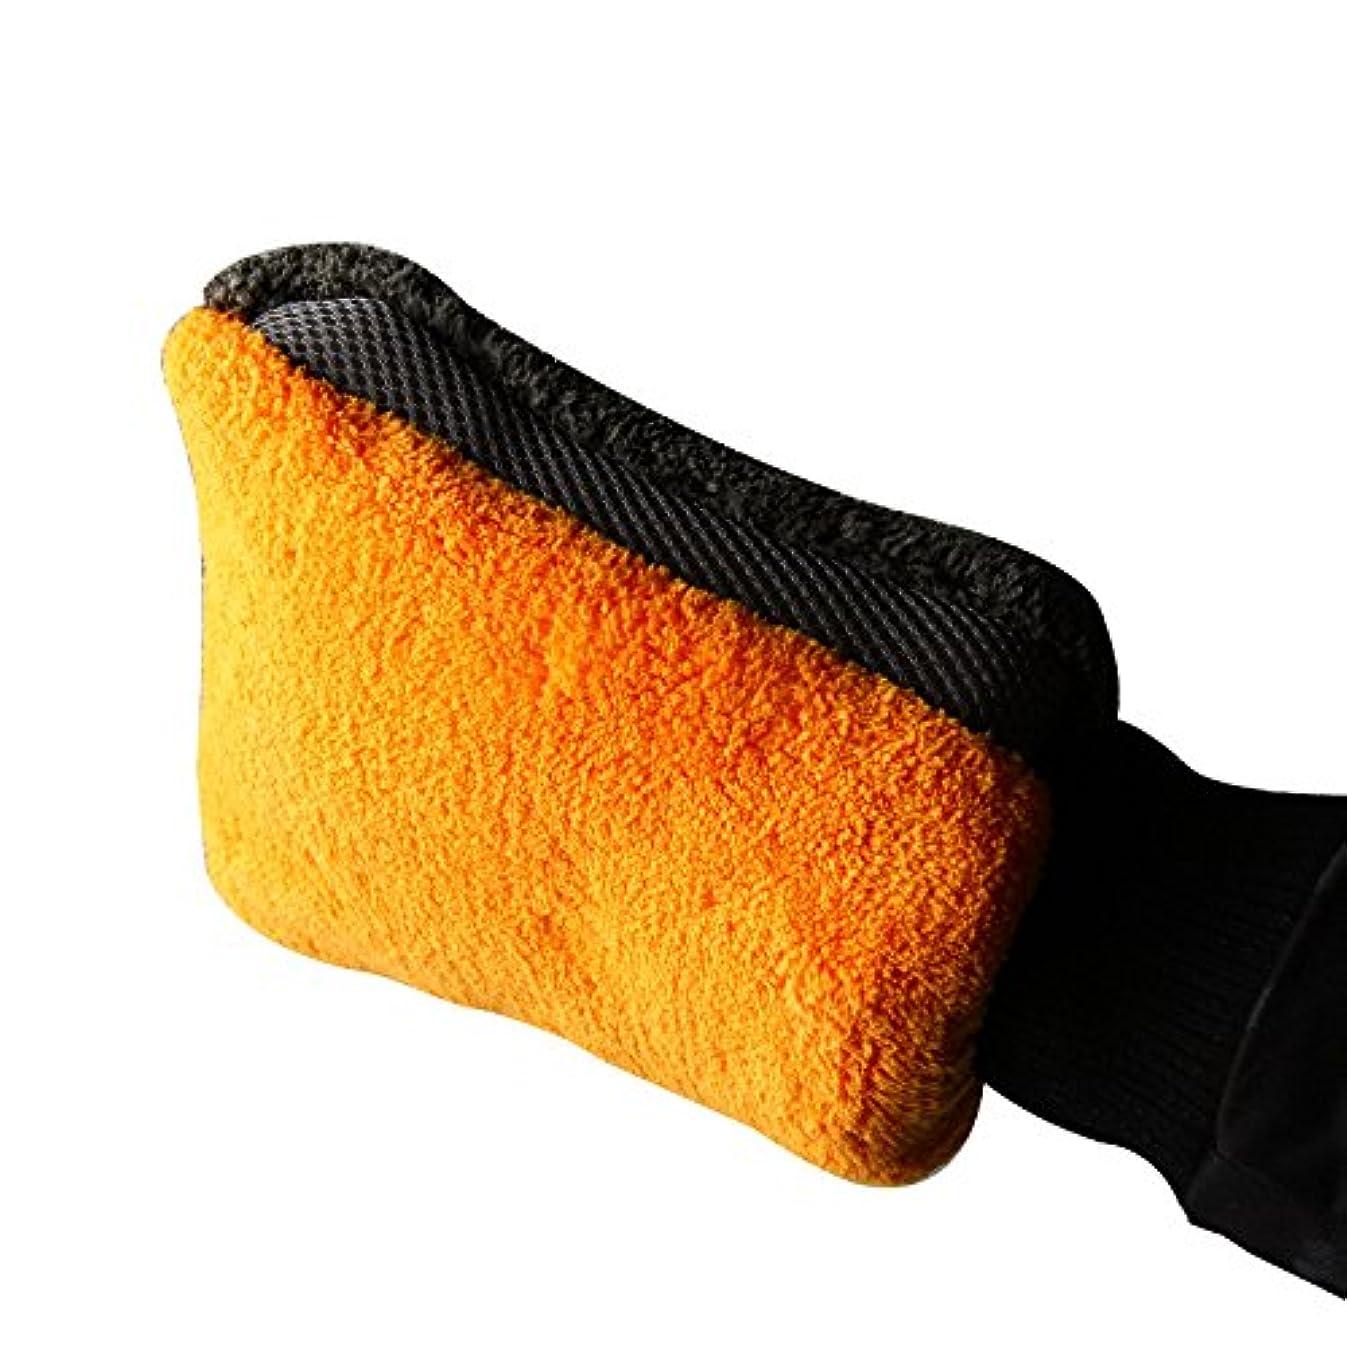 静かな申込み抜け目のないBTXXYJP サンゴフリース 洗車 ブラシ 手袋 クリーニング ミットショートウールミットカークロス (Color : Orange, Size : L-One pair)